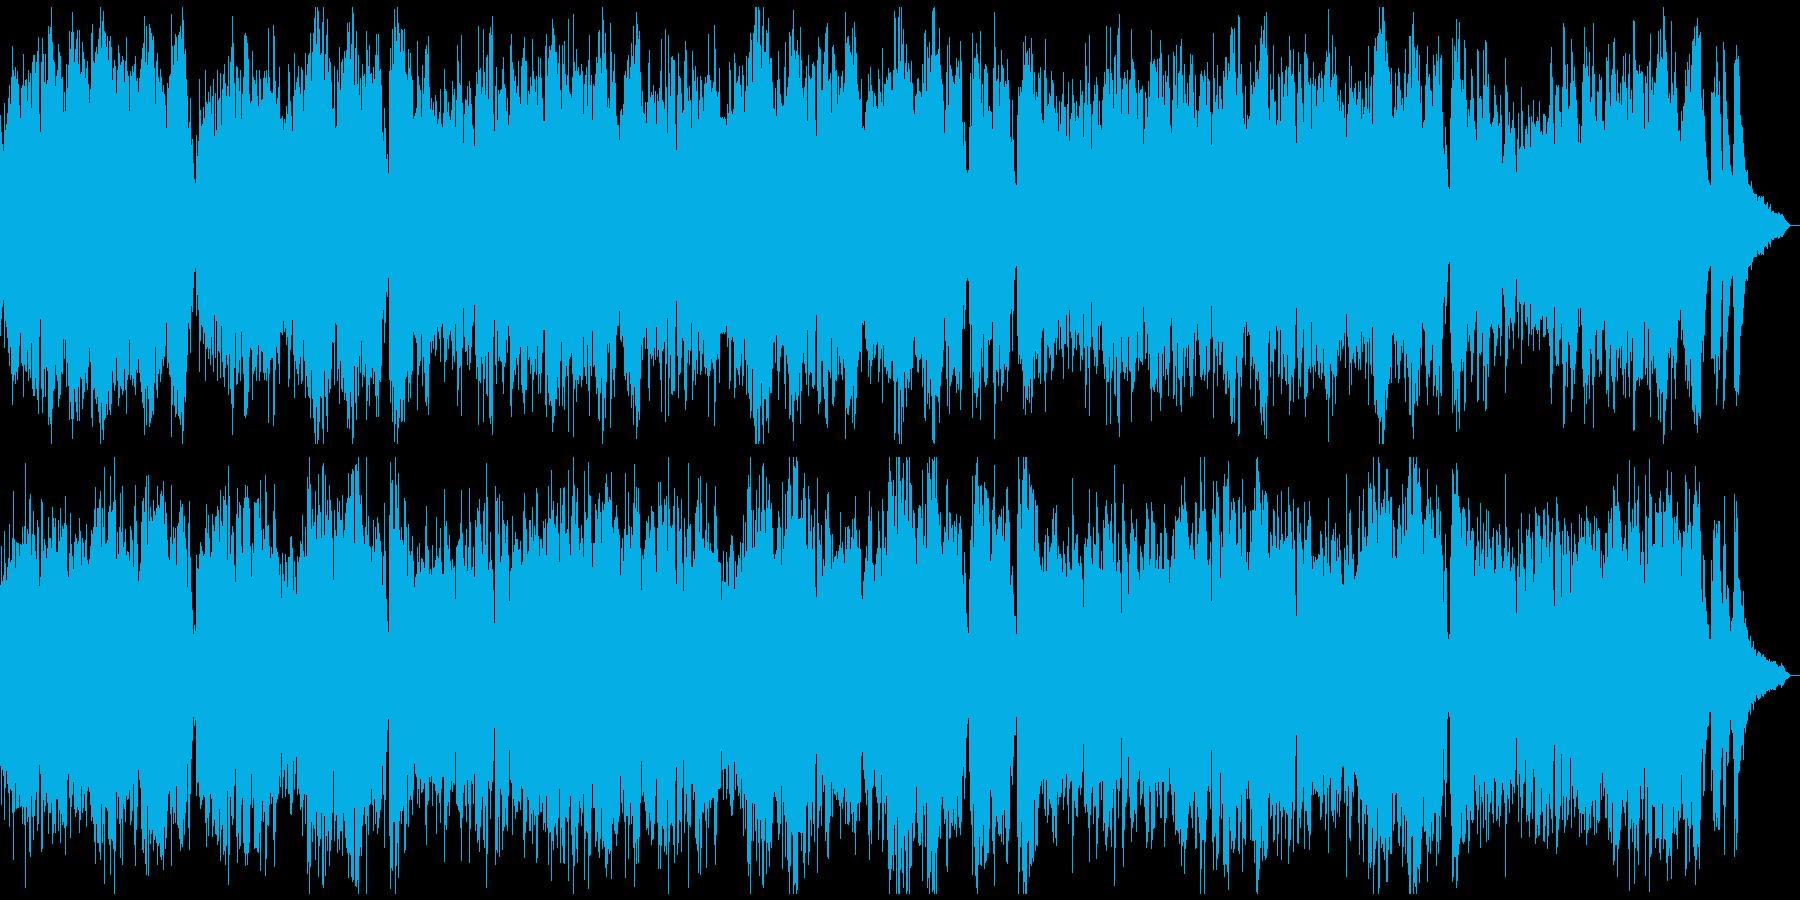 現代音楽風タイムラプス用ピアノソロ7分の再生済みの波形